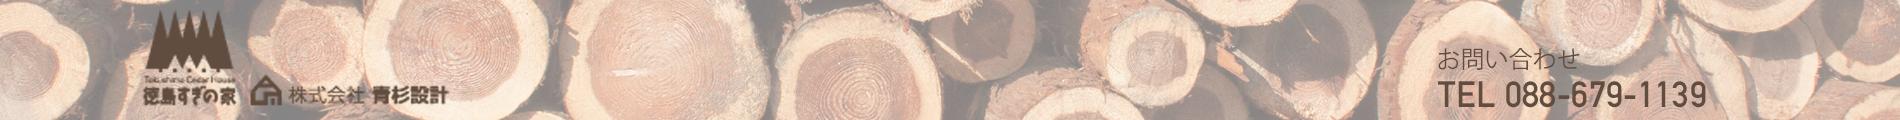 徳島すぎの家 株式会社 青杉設計 お問い合わせ TEL 088-679-1139